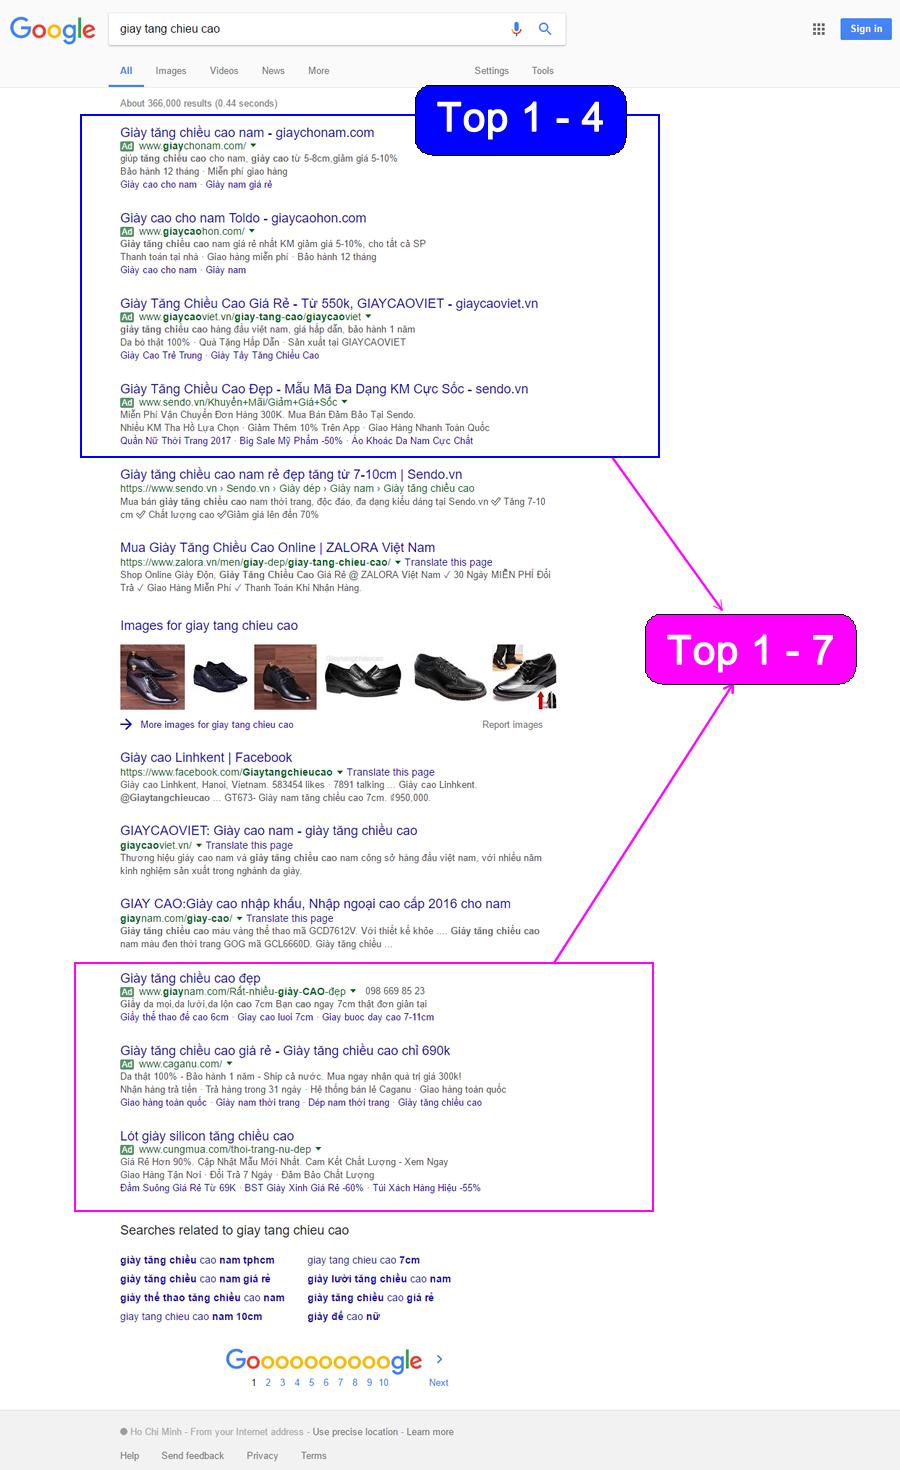 Quảng Cáo Google Giá Rẻ, Quảng Cáo Giá Rẻ. Có 1346479 Xem  - trang 1